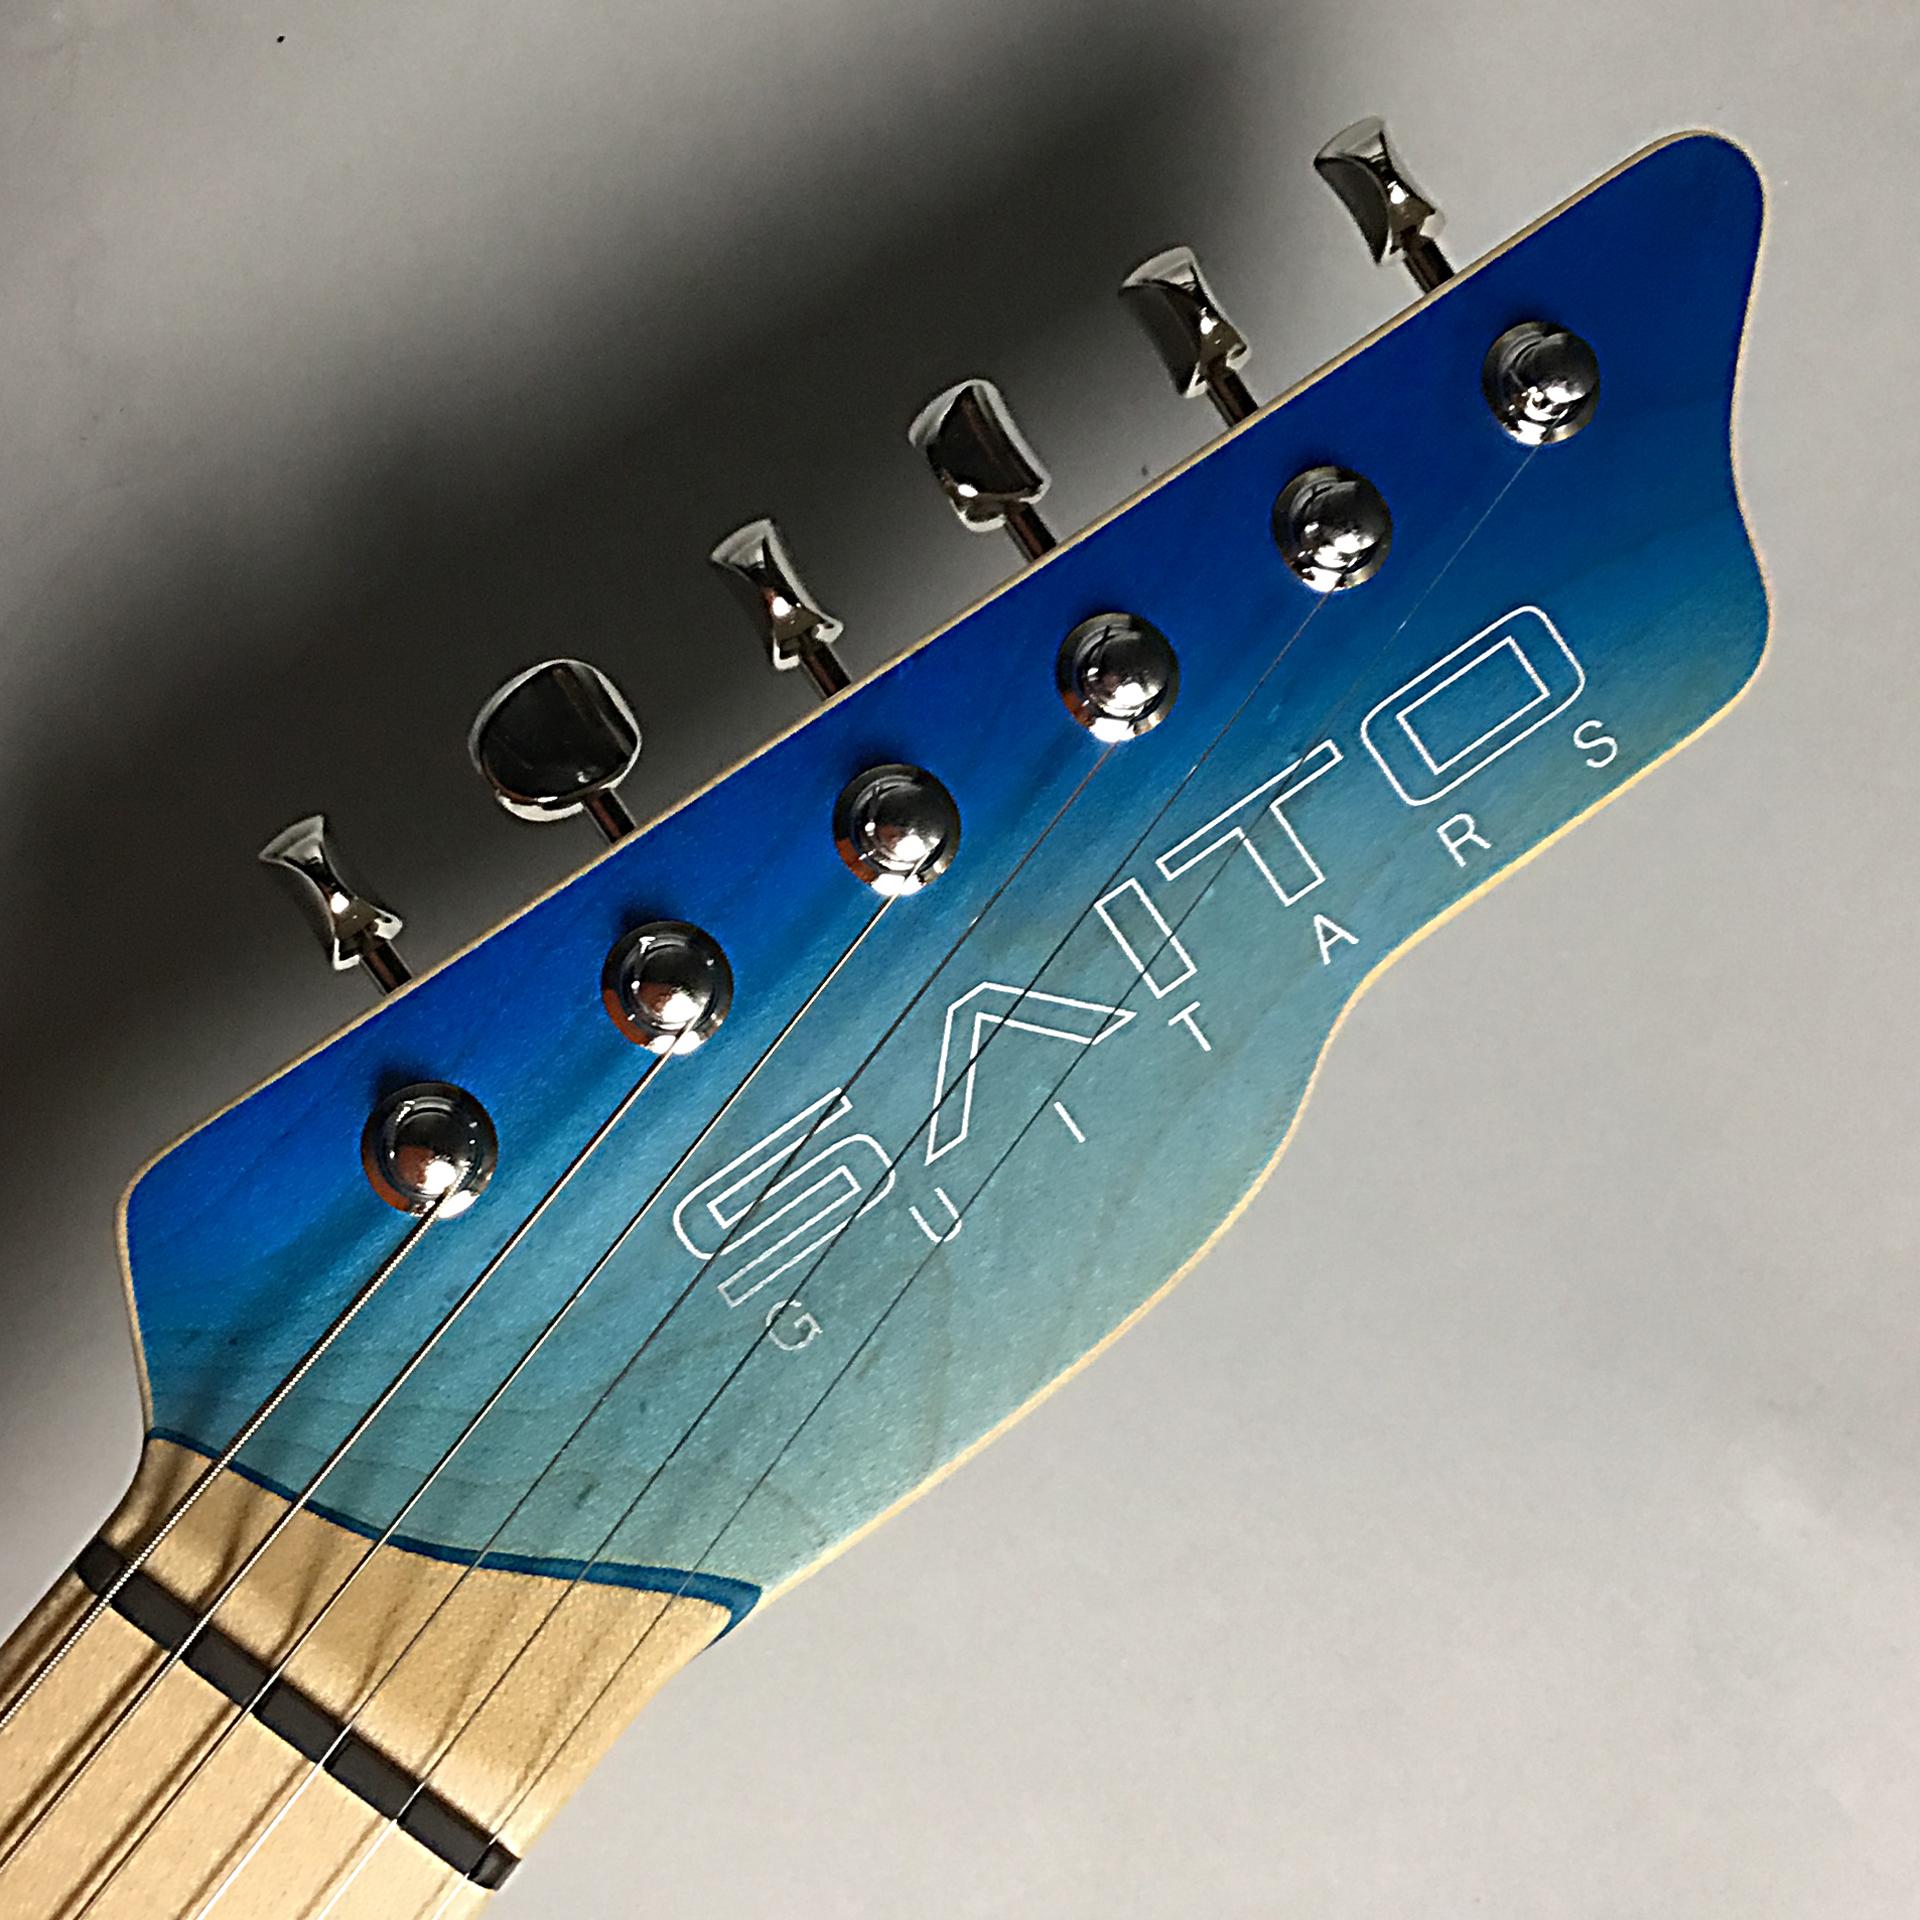 S-622/Ash/Maple SSH 【BLUE BIRD】のヘッド画像